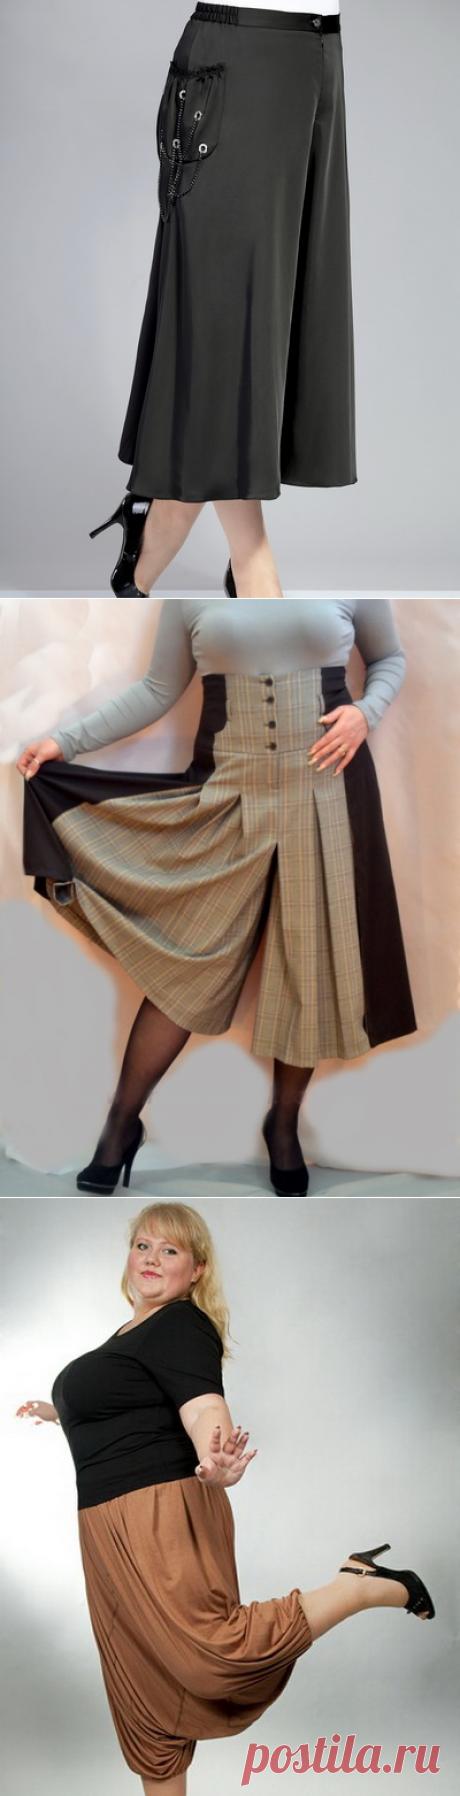 Юбка-брюки для полных женщин, 20 лучших моделей